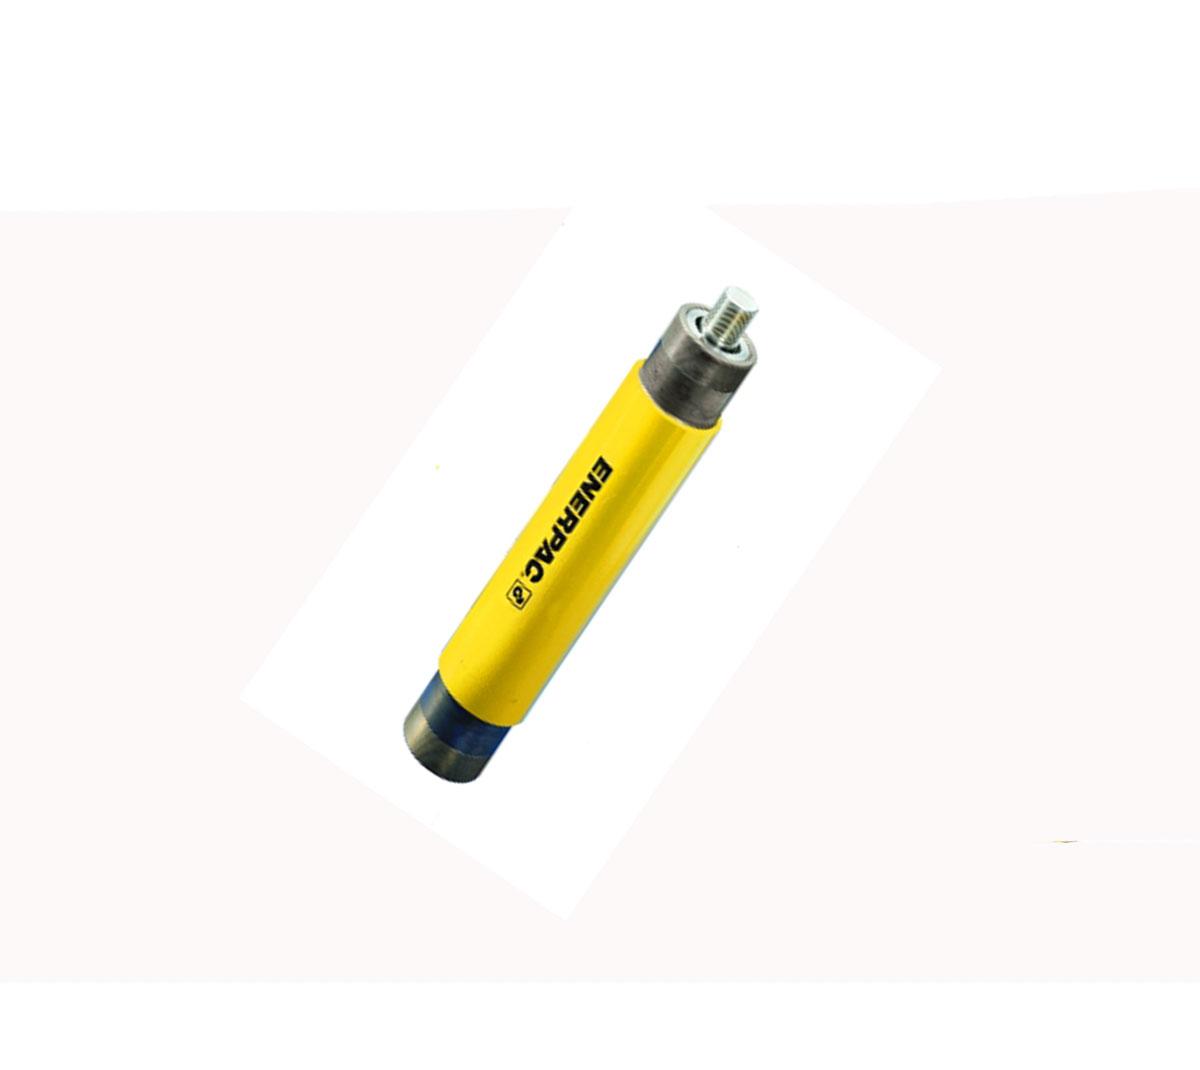 enerpac-brd2510-hydraulic-cylinder-rental